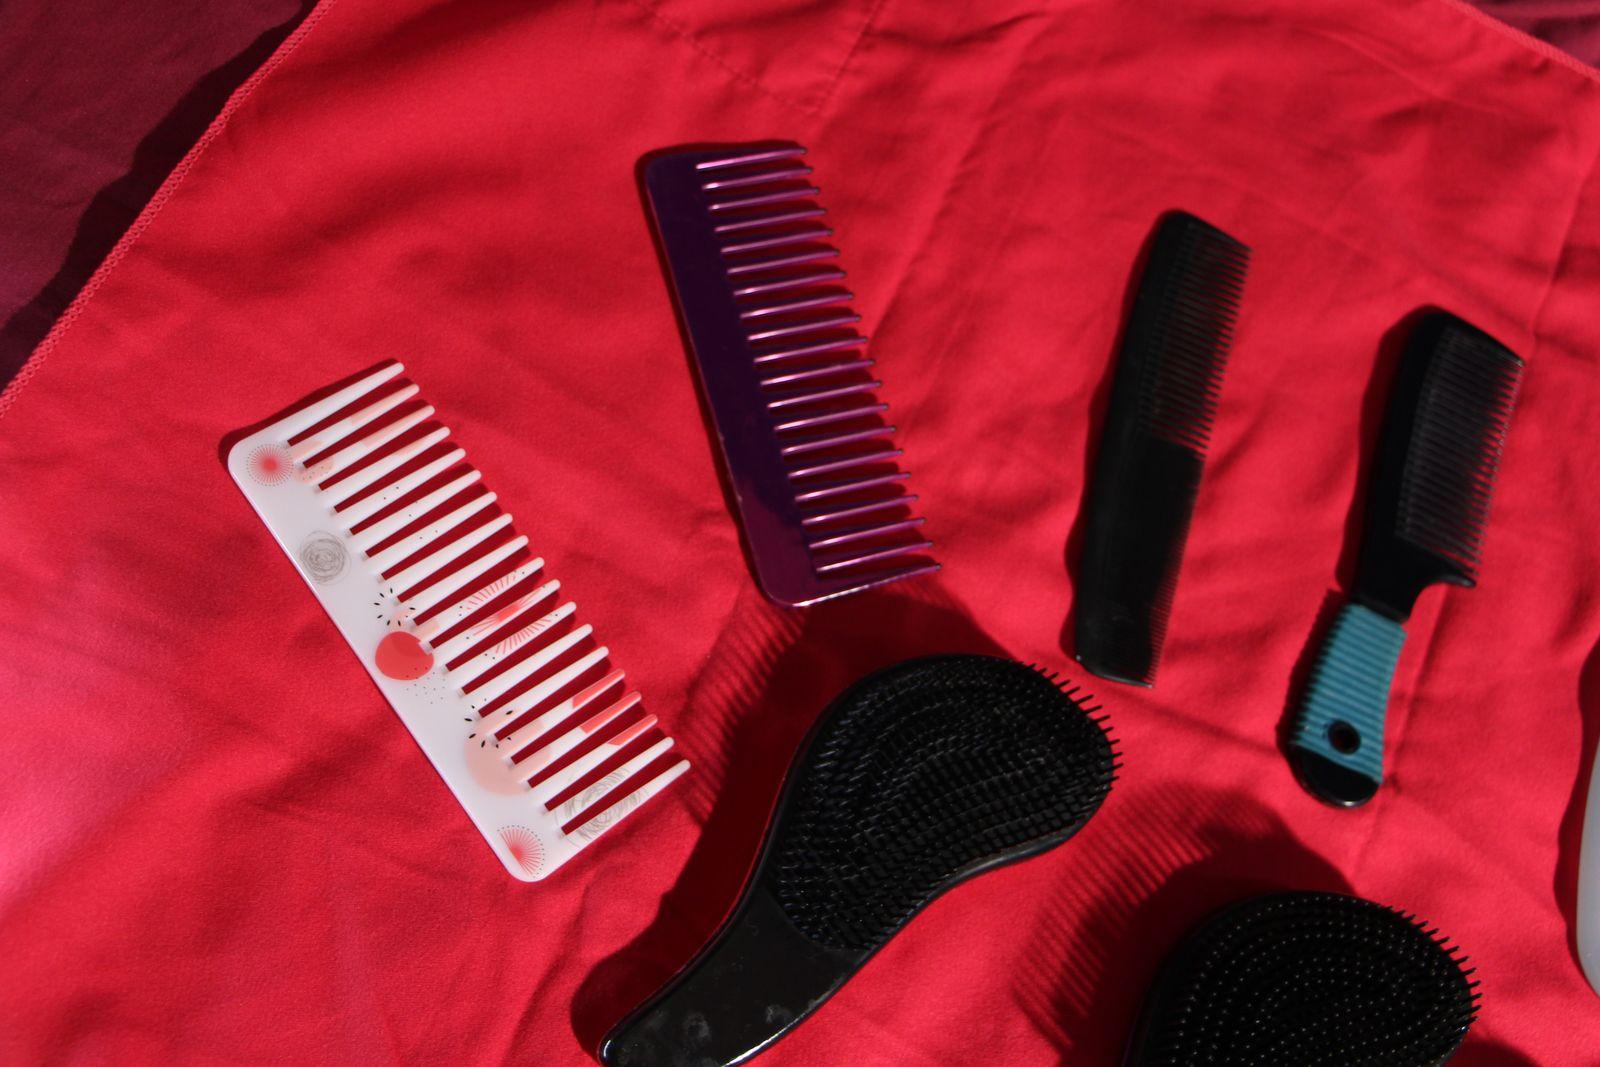 Brosse, Peigne, Type et Usage pour Cheveux Crépus